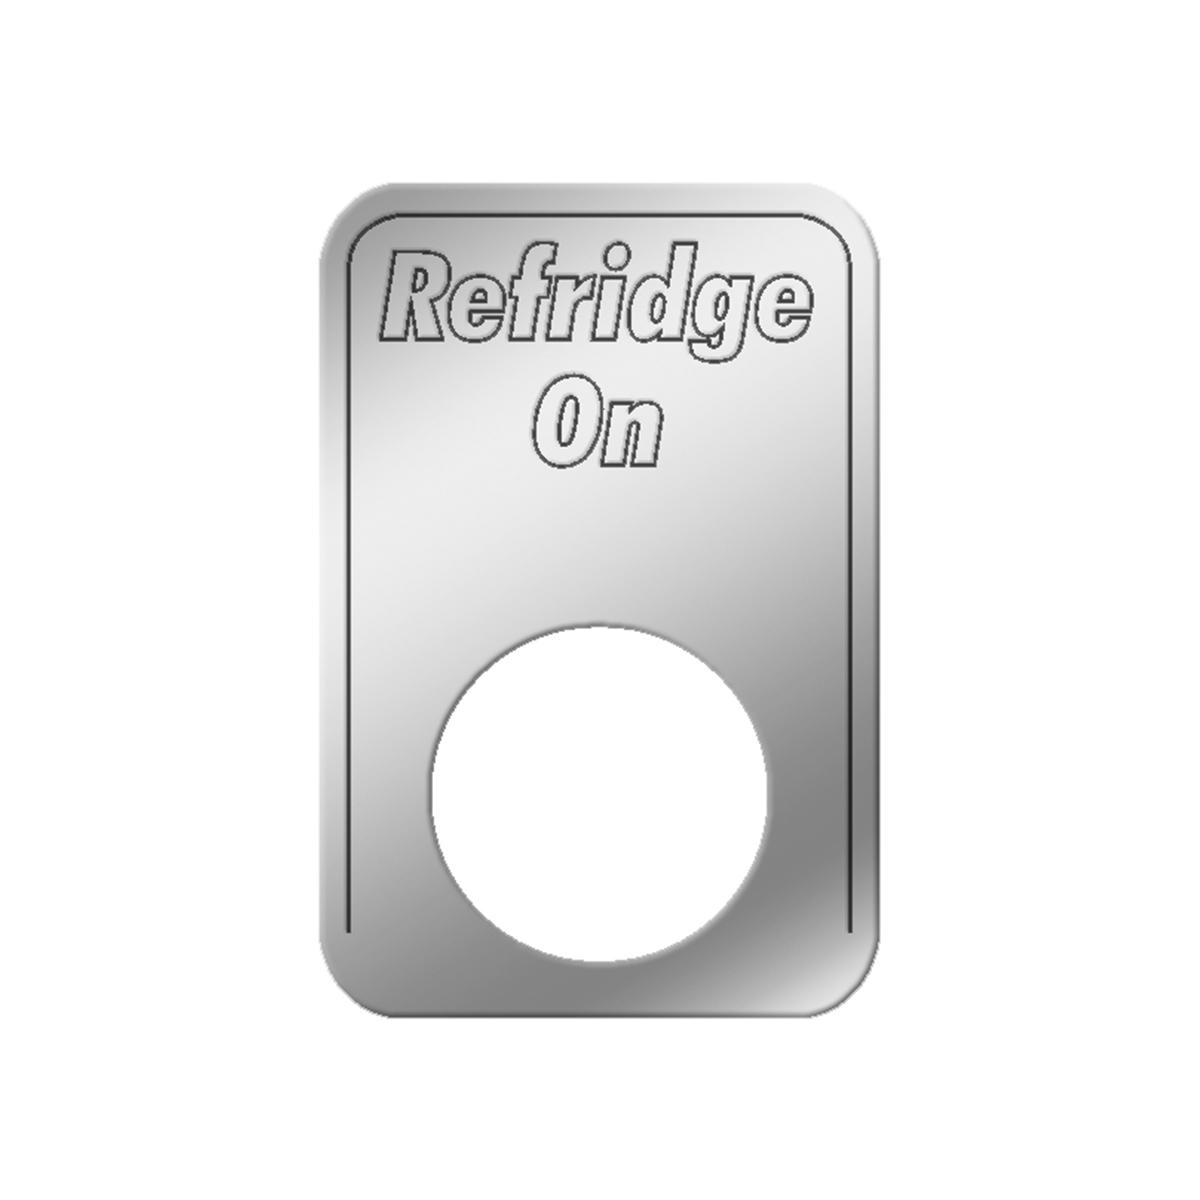 #68557 Refrigerator On Indicator Light